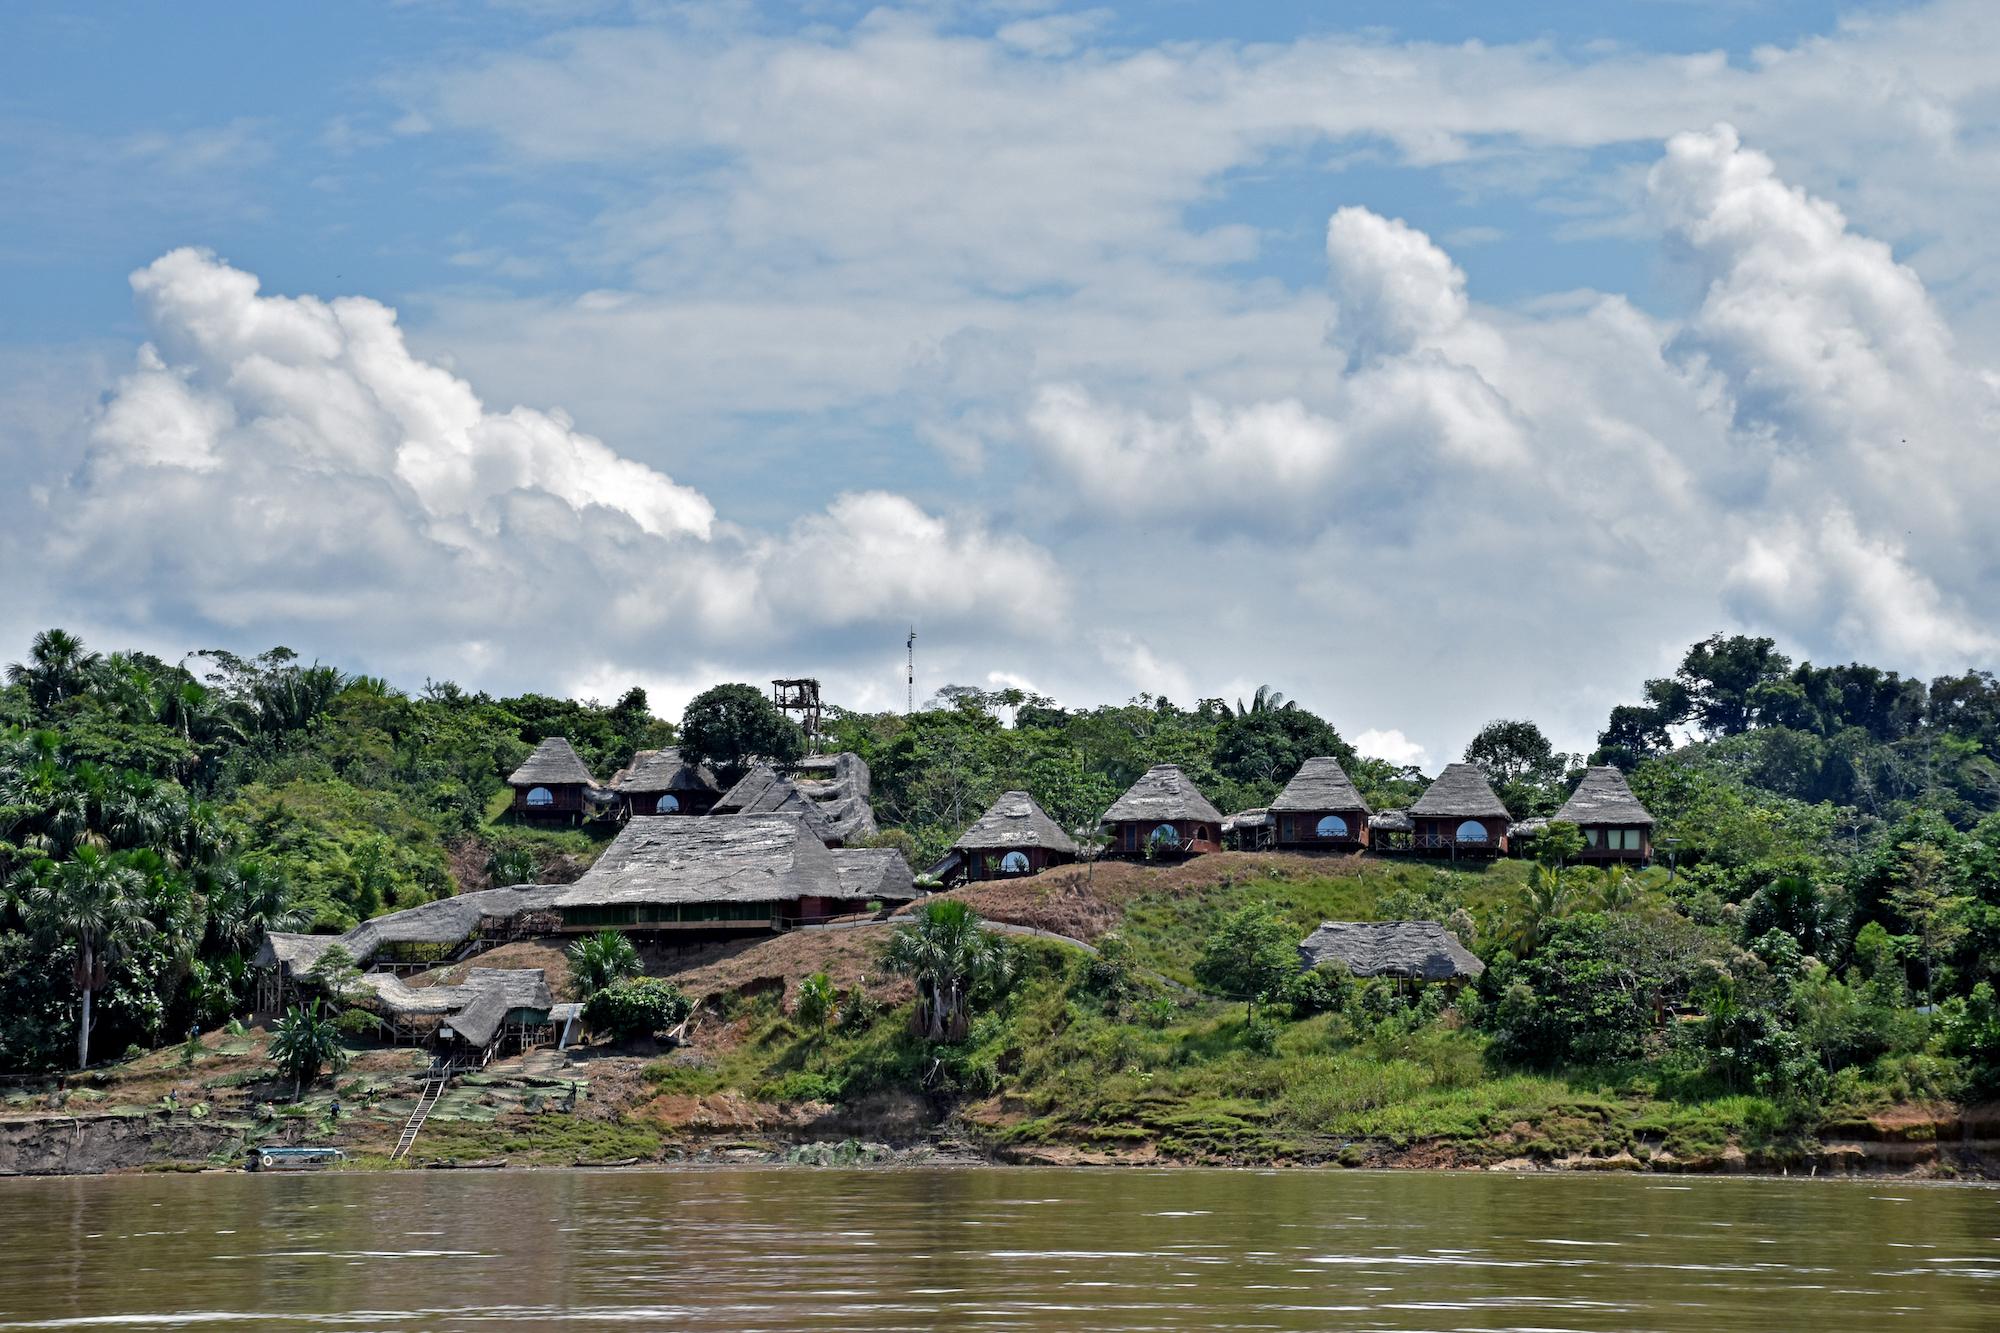 La Amazonía peruana perdió dos millones de hectáreas de bosques en los últimos 15 años. Foto: Jeffrey Dávila / WWF Perú.